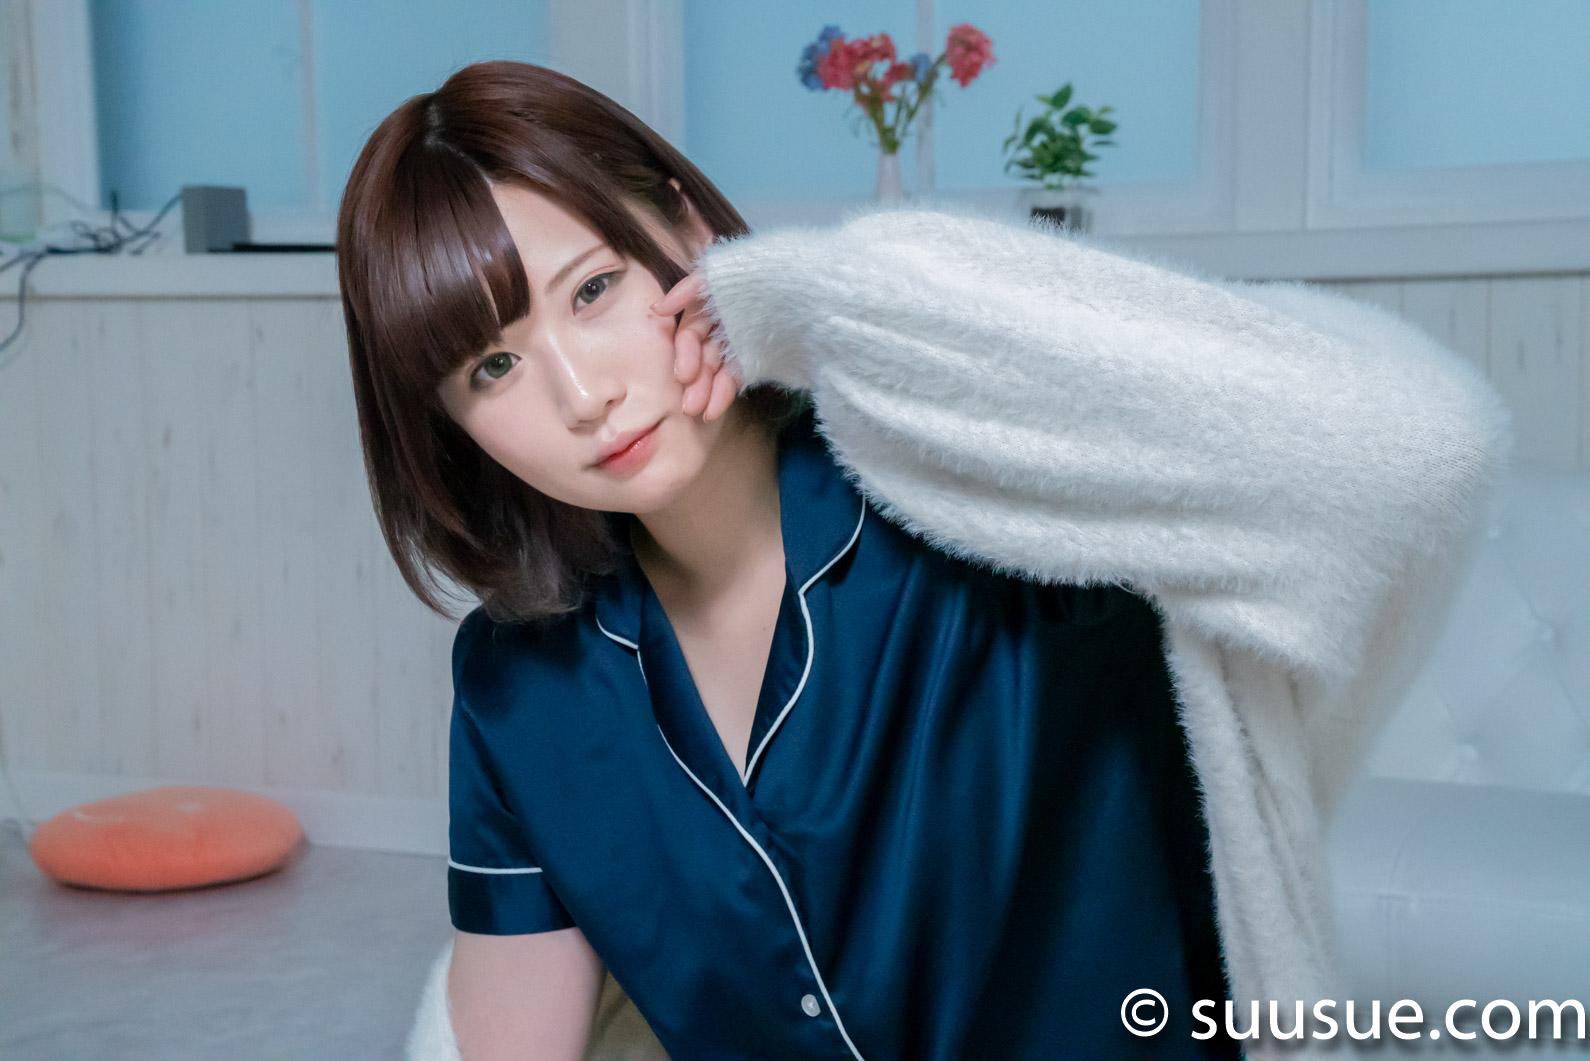 2018/11/10 コスプレイヤー撮影会 雨音瑠美 α7RⅢ